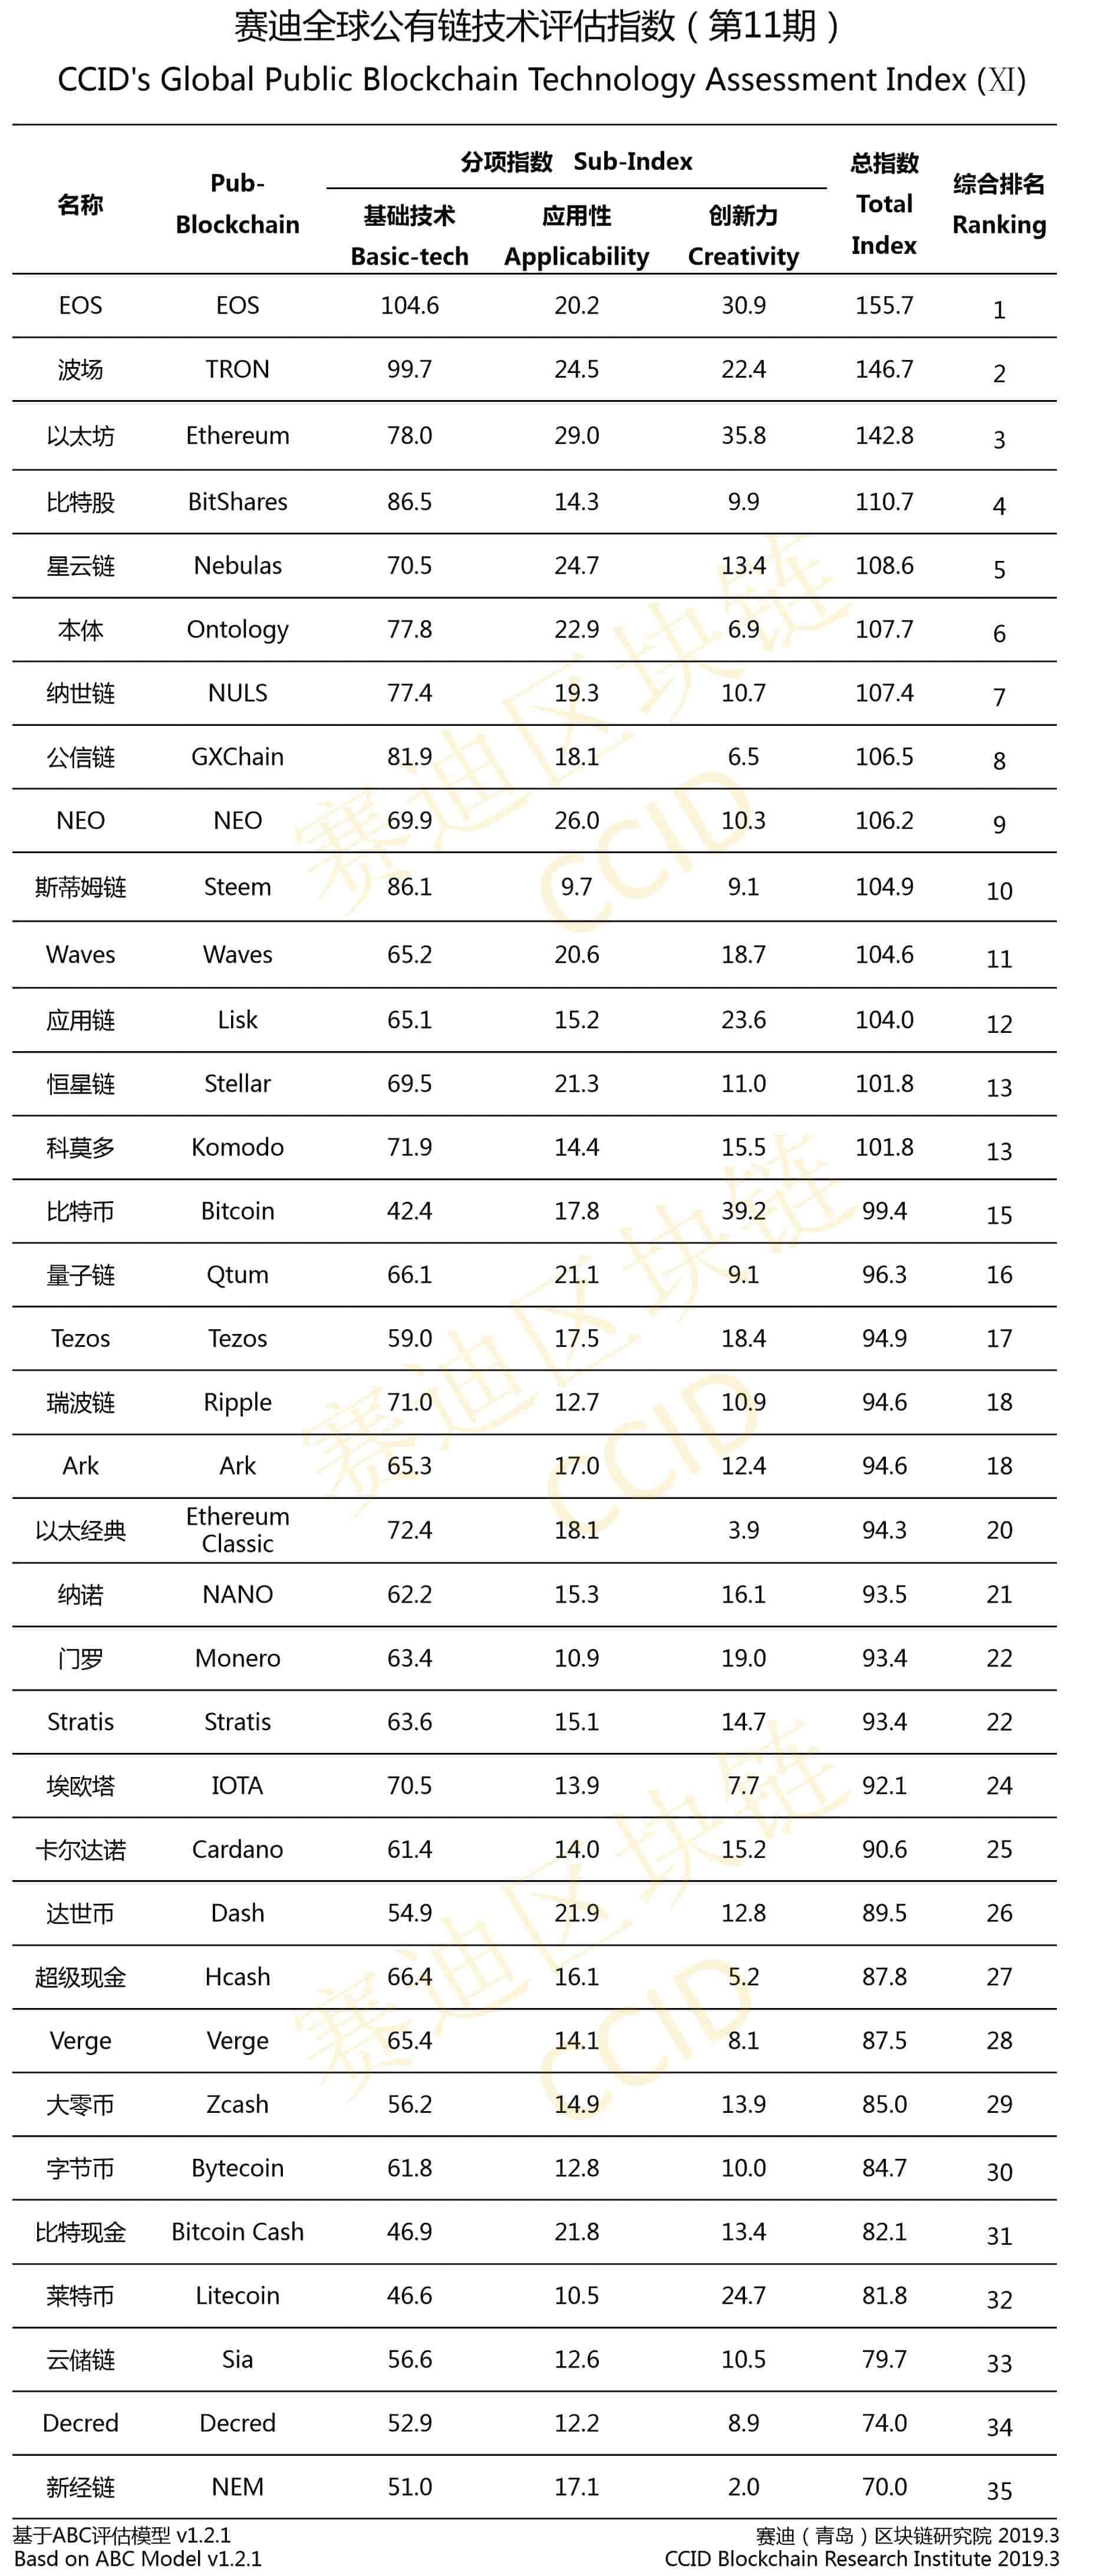 CCIDnet ranking cryptomunten met eigen Blockchain. Bron: CCIDnet.